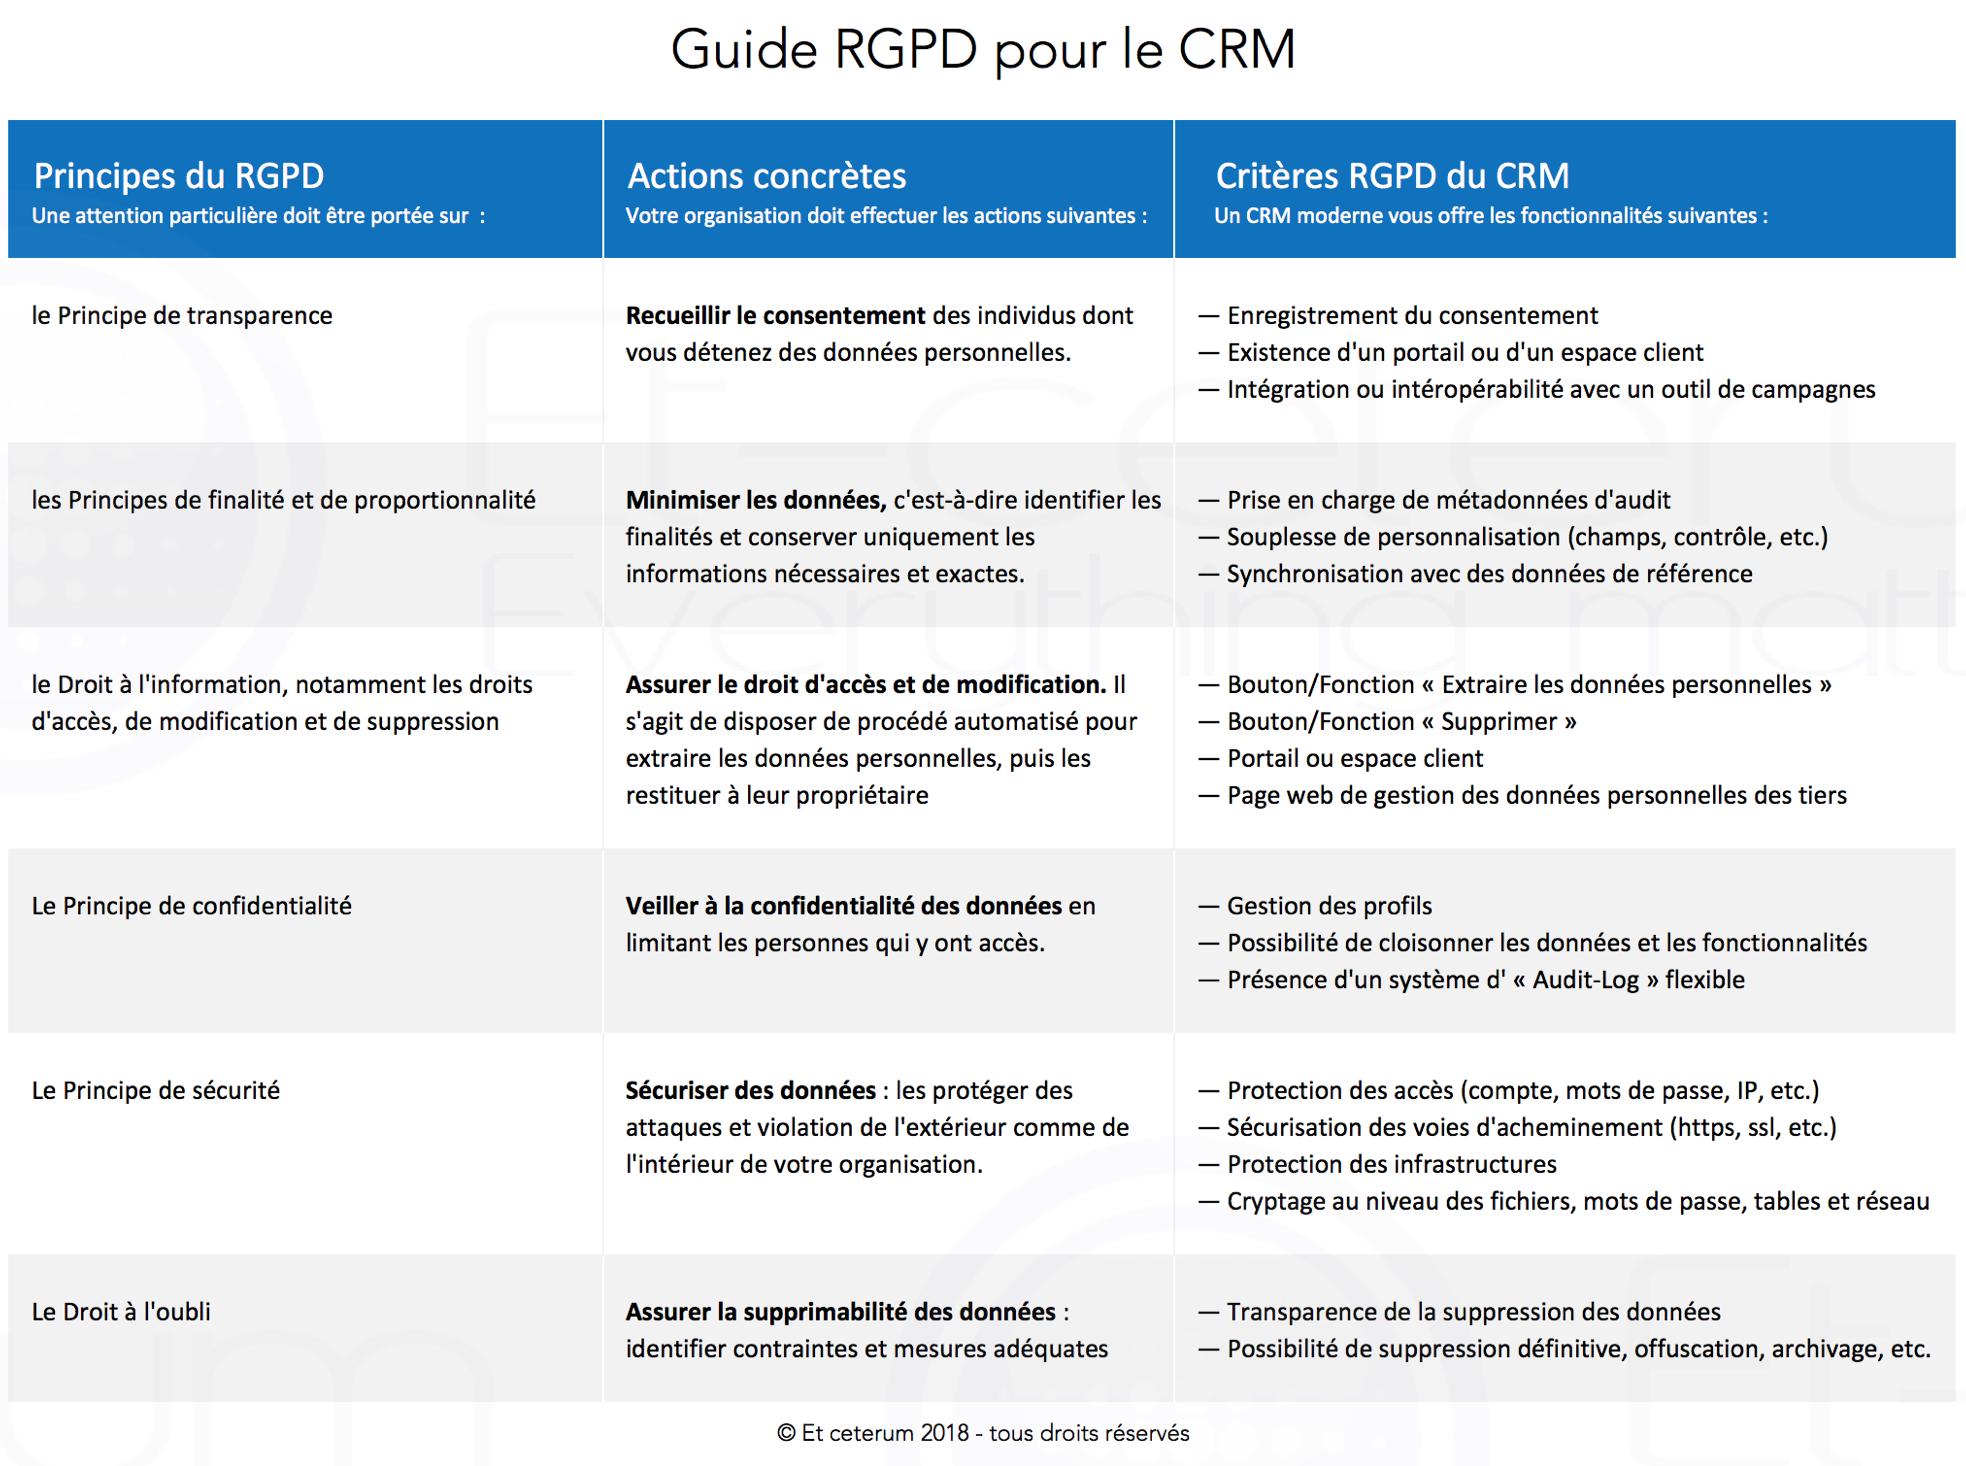 Guide RGPD pour le CRM